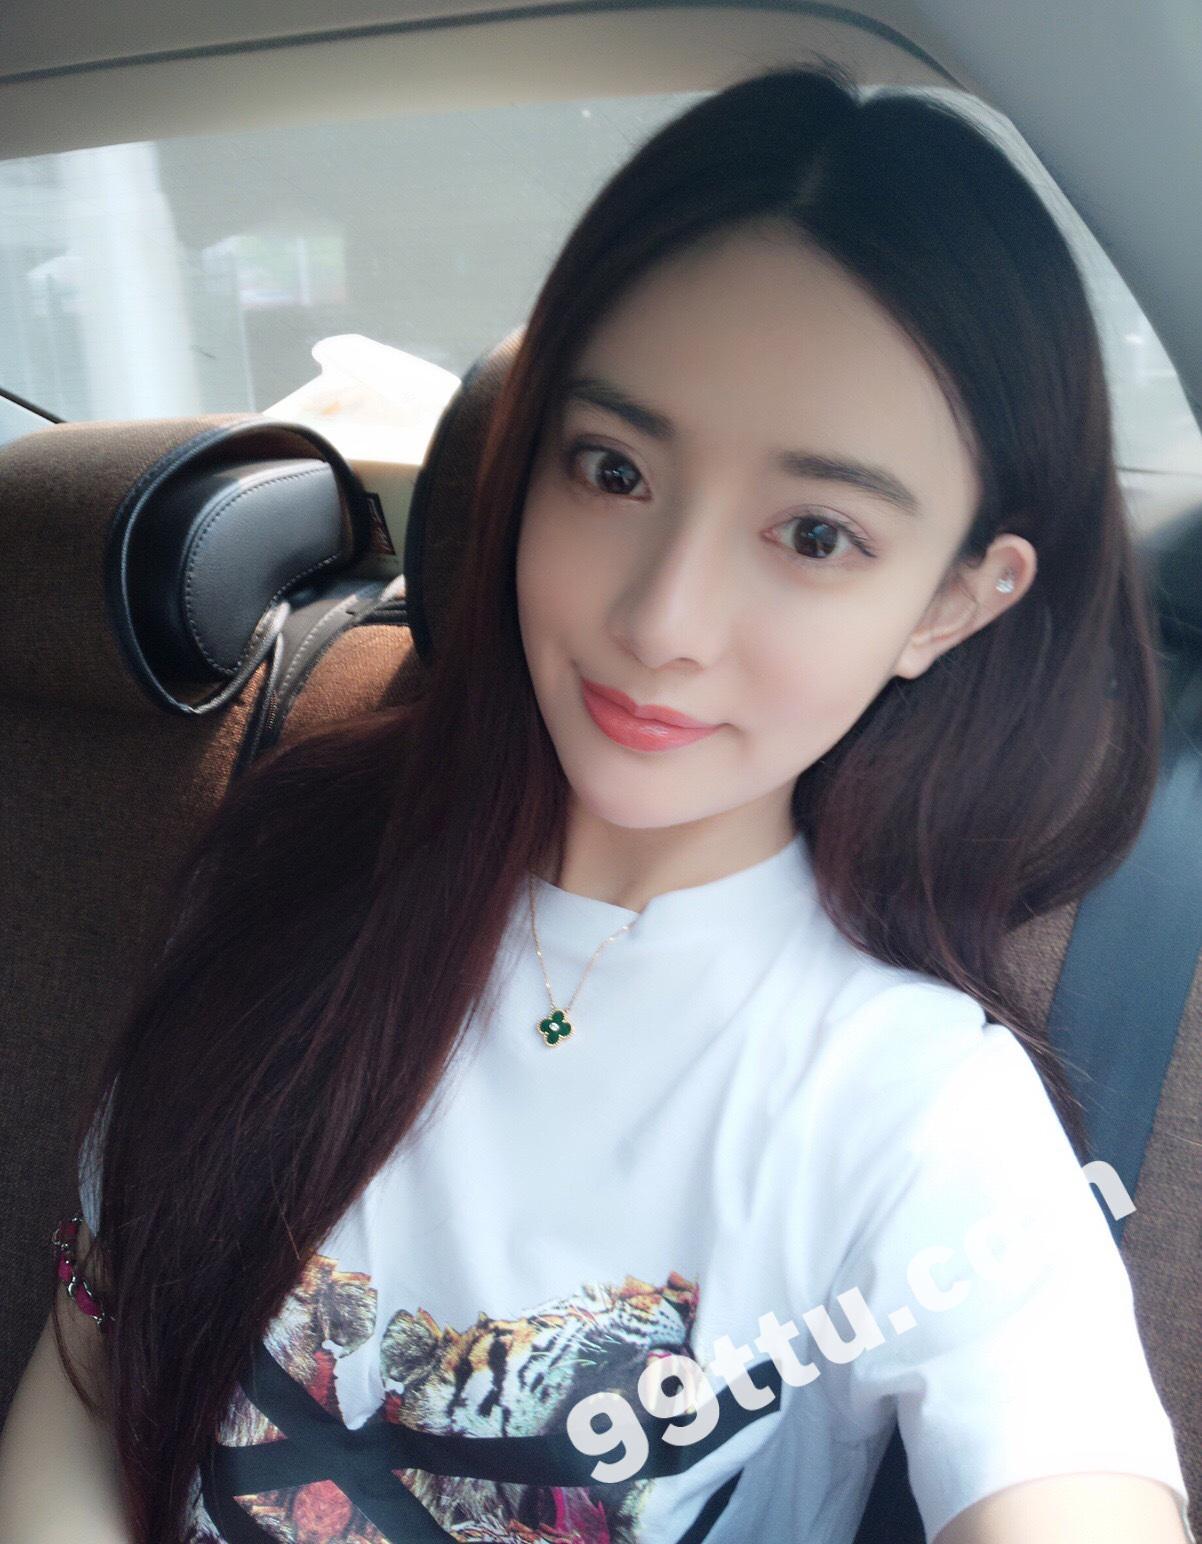 KK15 502张 白富美女神网红自拍运动美女-5